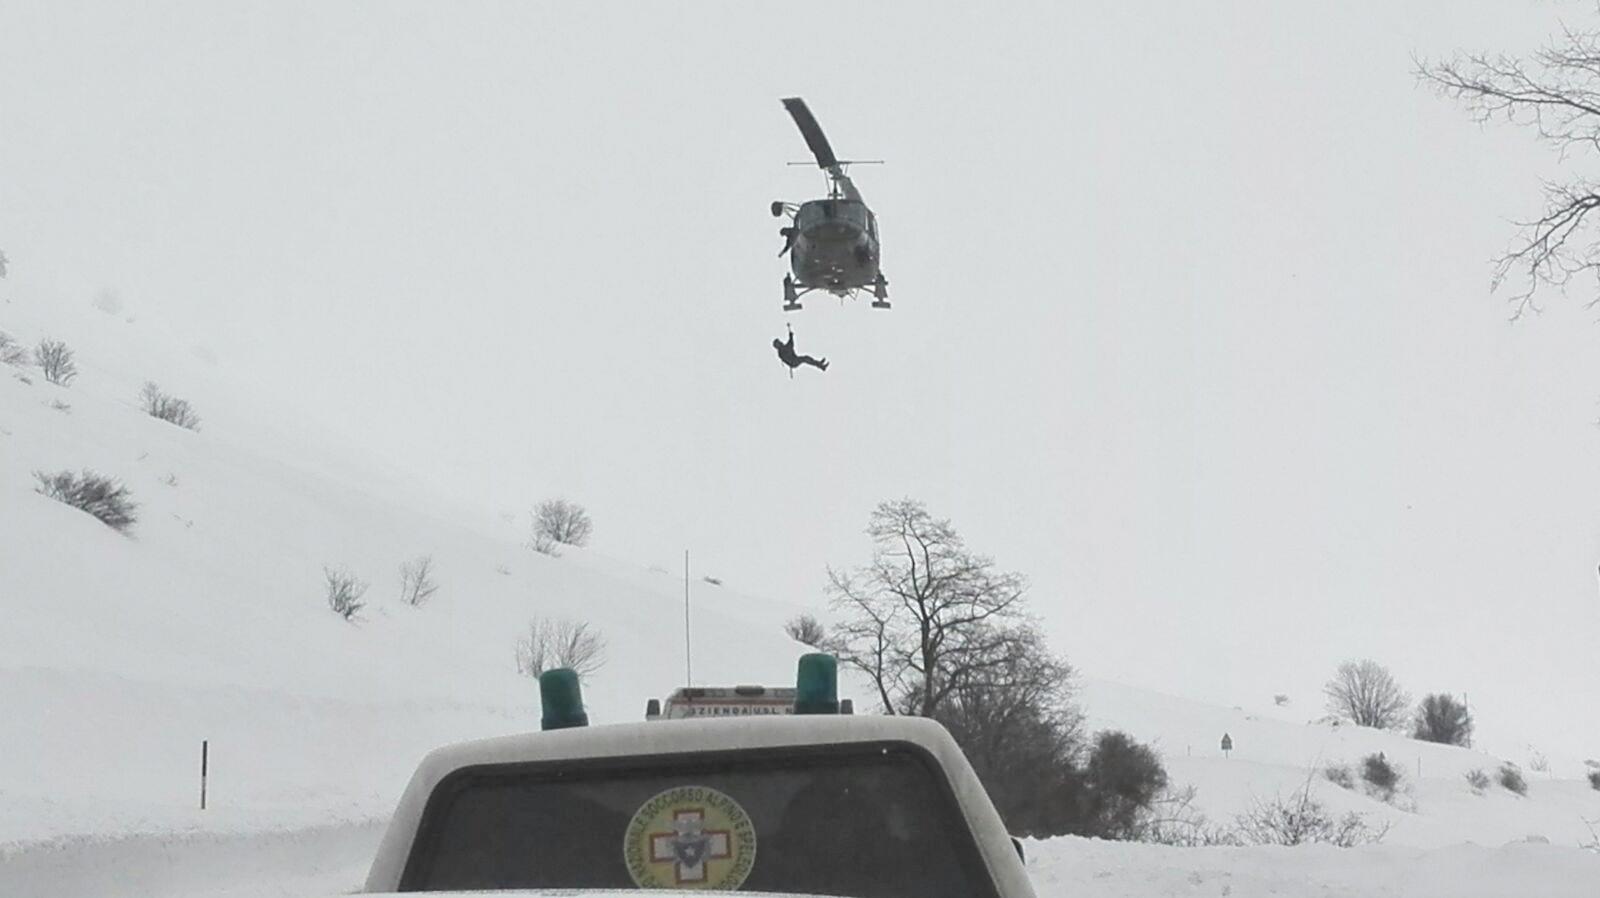 Elicottero 118 Verona : Elicottero precipita a campo felice le foto dalle webcam nebbia